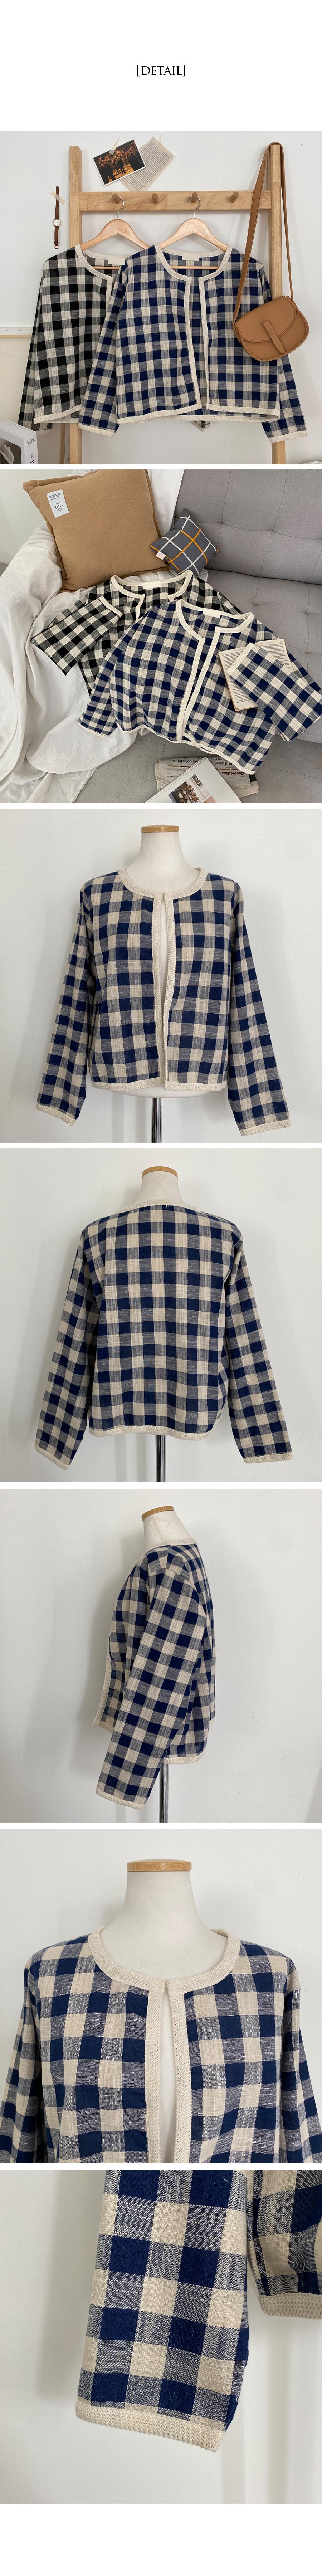 Ebony Gobang Check Linen Cardigan Jacket